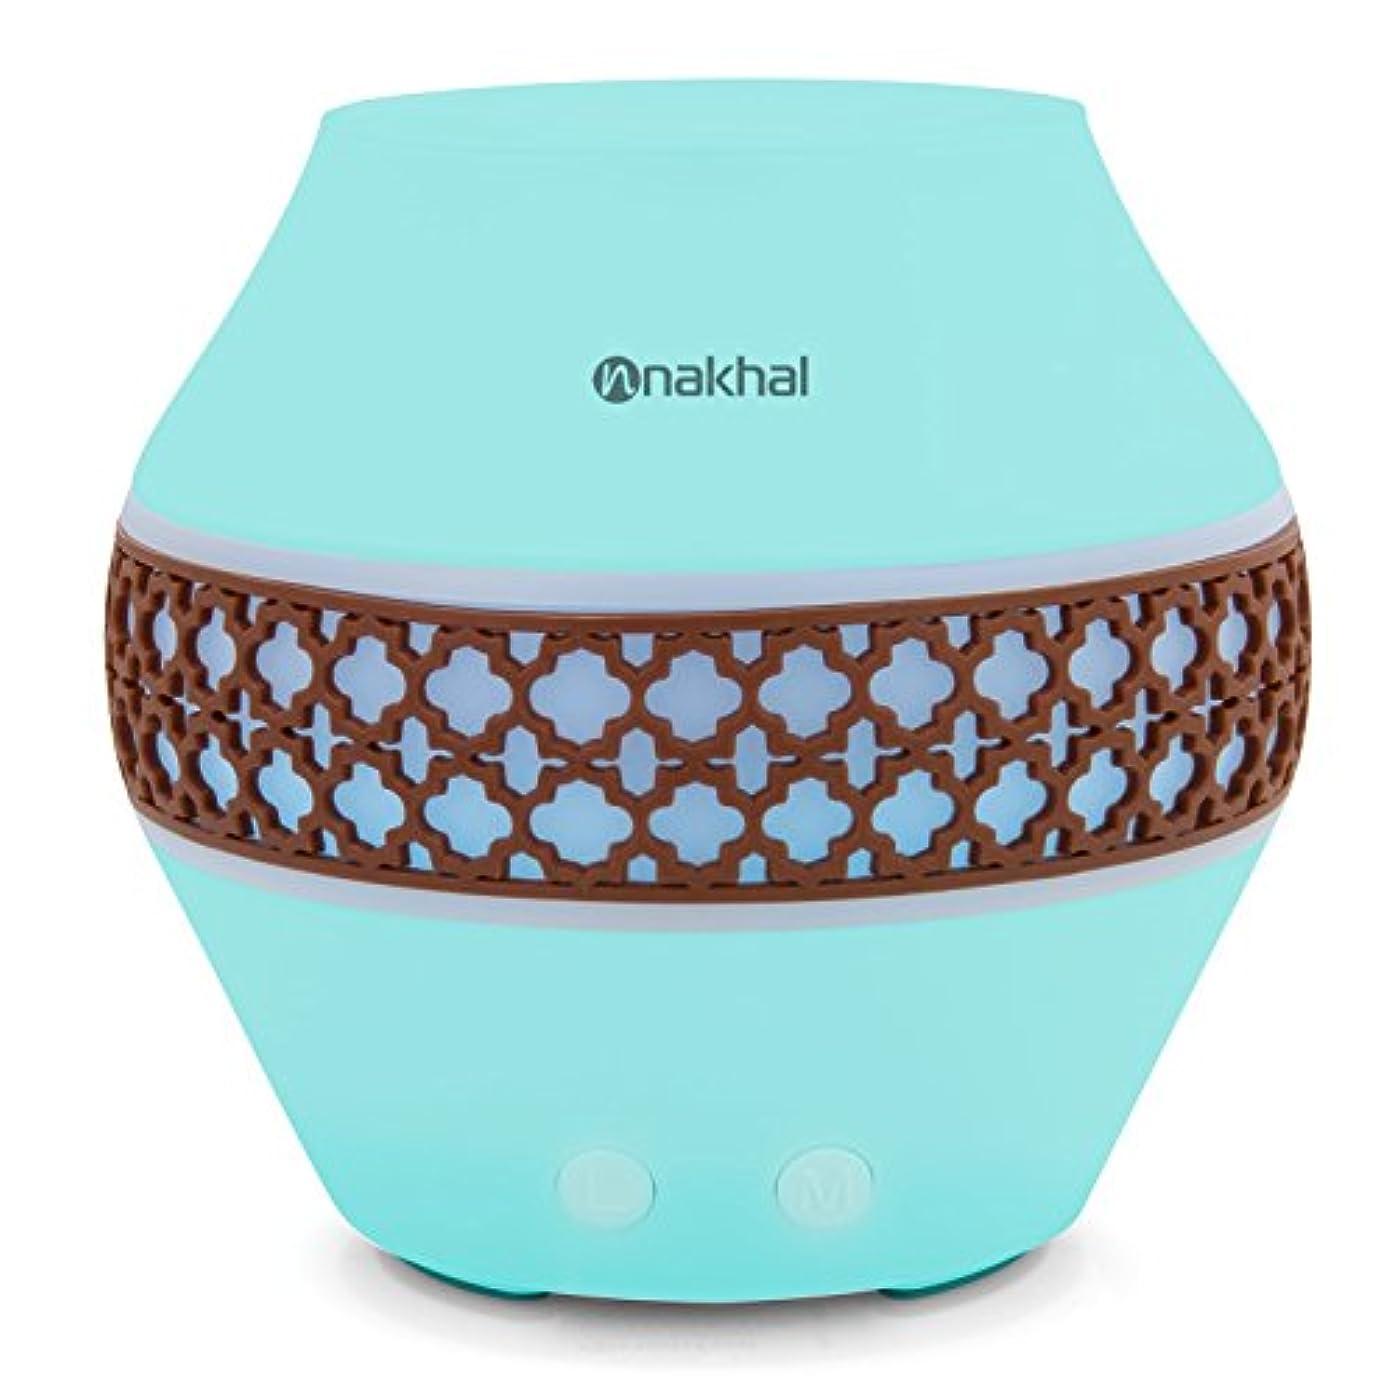 ジェーンオースティン医薬品火薬Nakhal 120 ml Aromatherapy Essential Oil Diffuser、超音波クールなミスト加湿器で7色LEDライト変更 – Classical